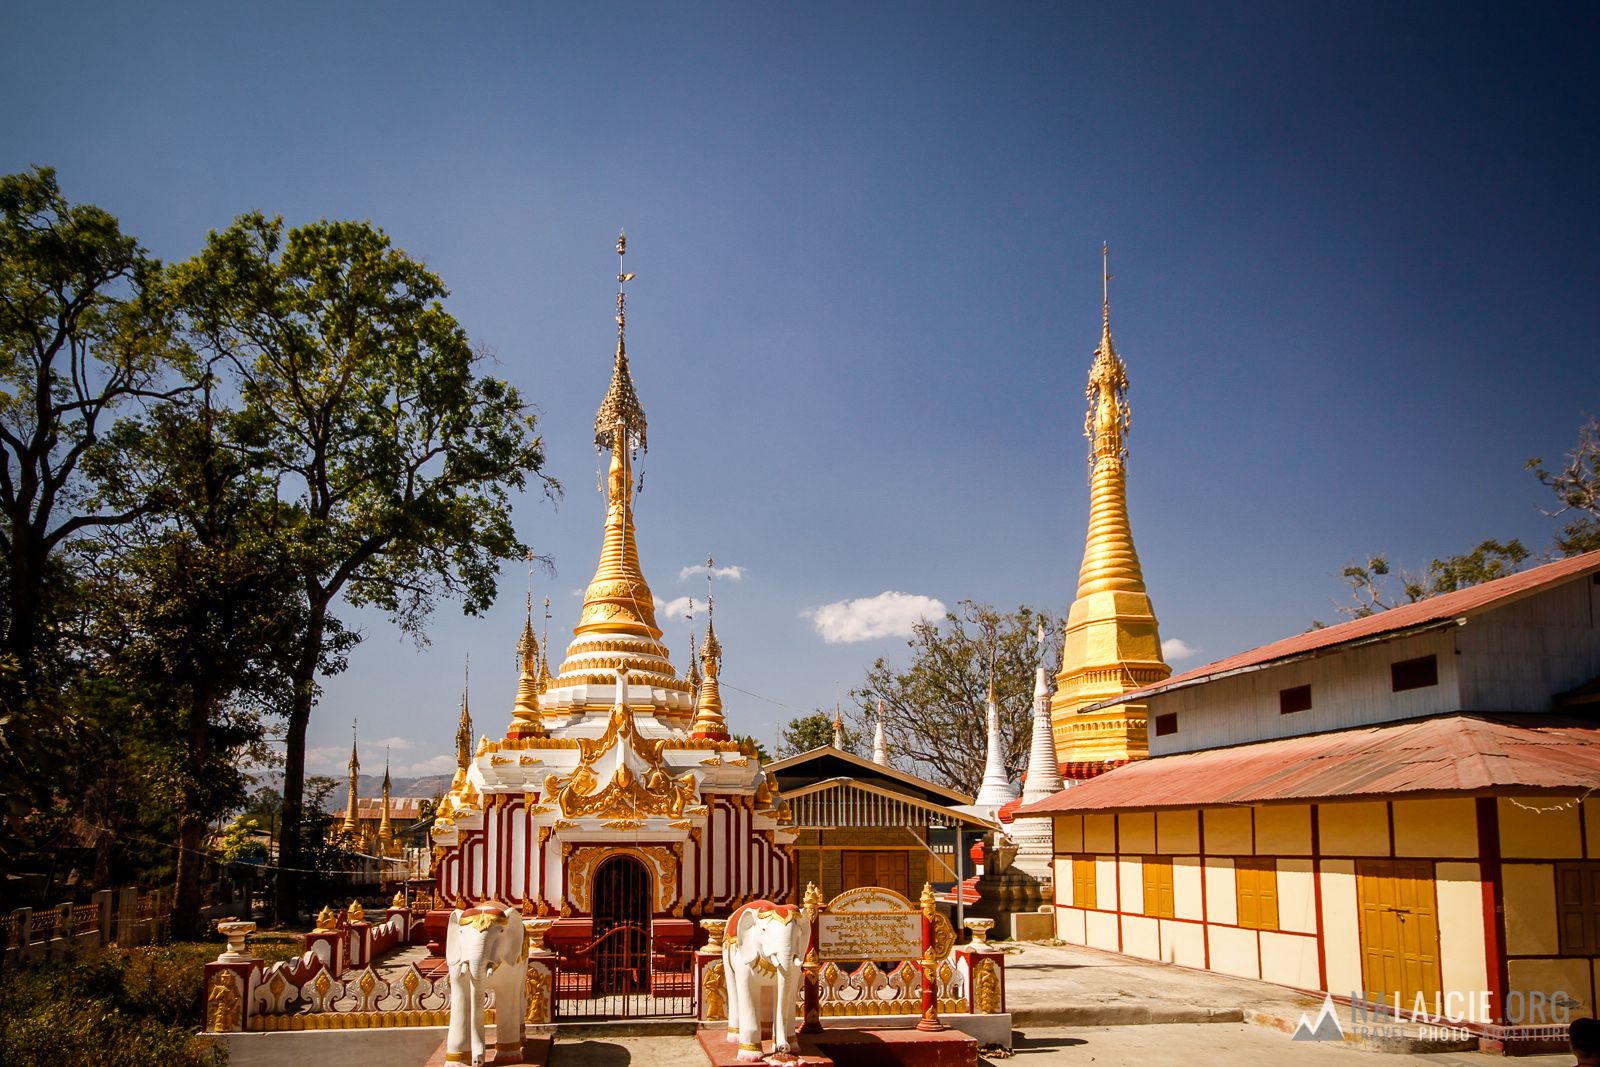 Jedna świątynia wyrasta obok drugiej.